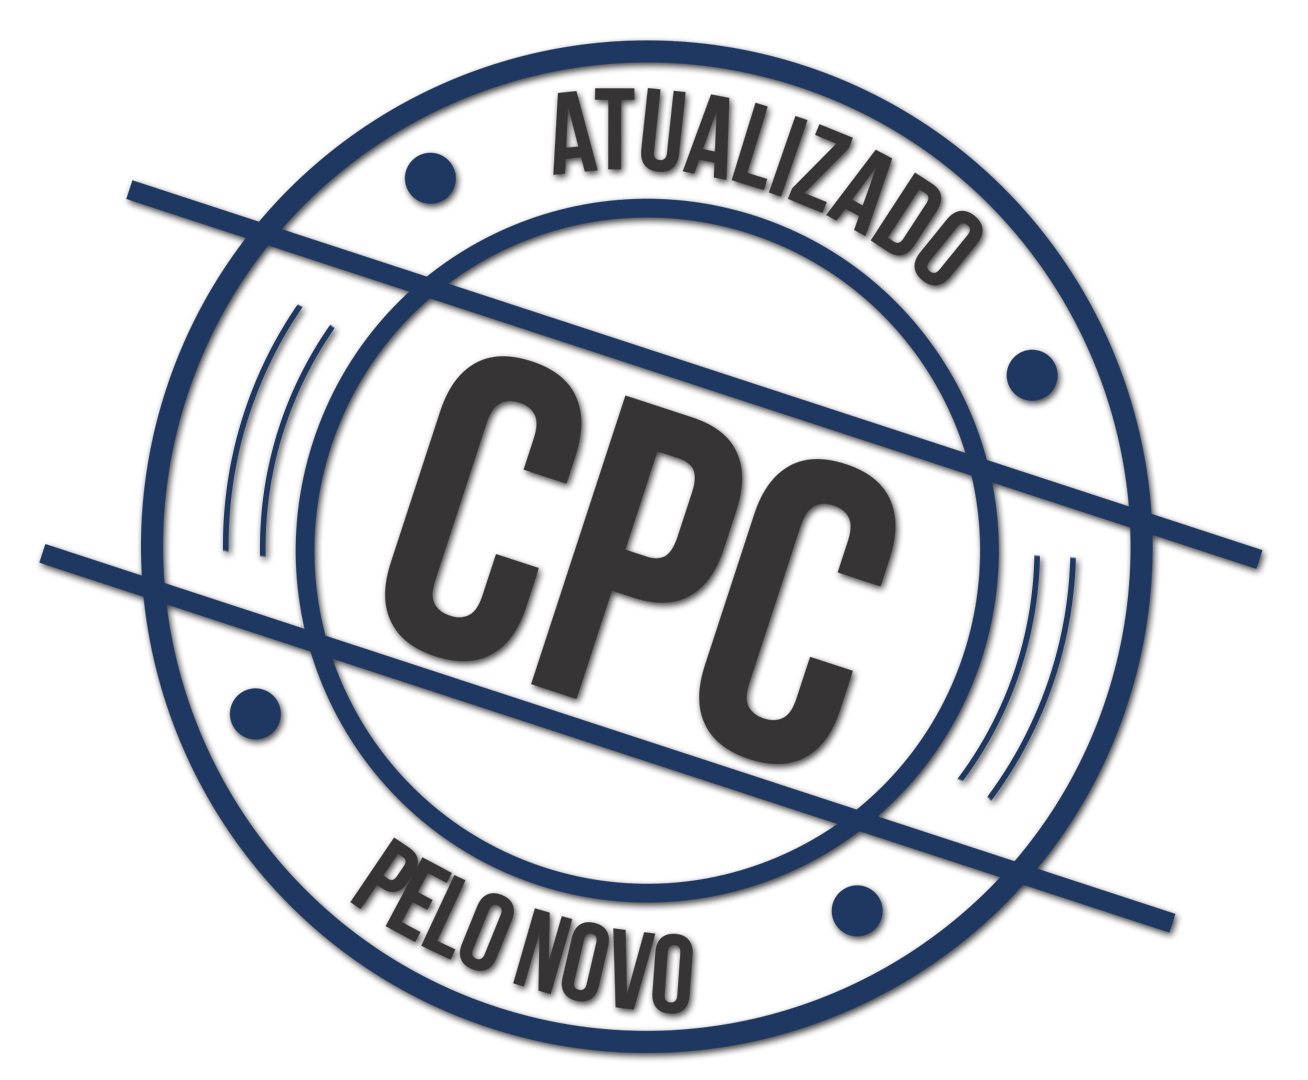 selo-cpc